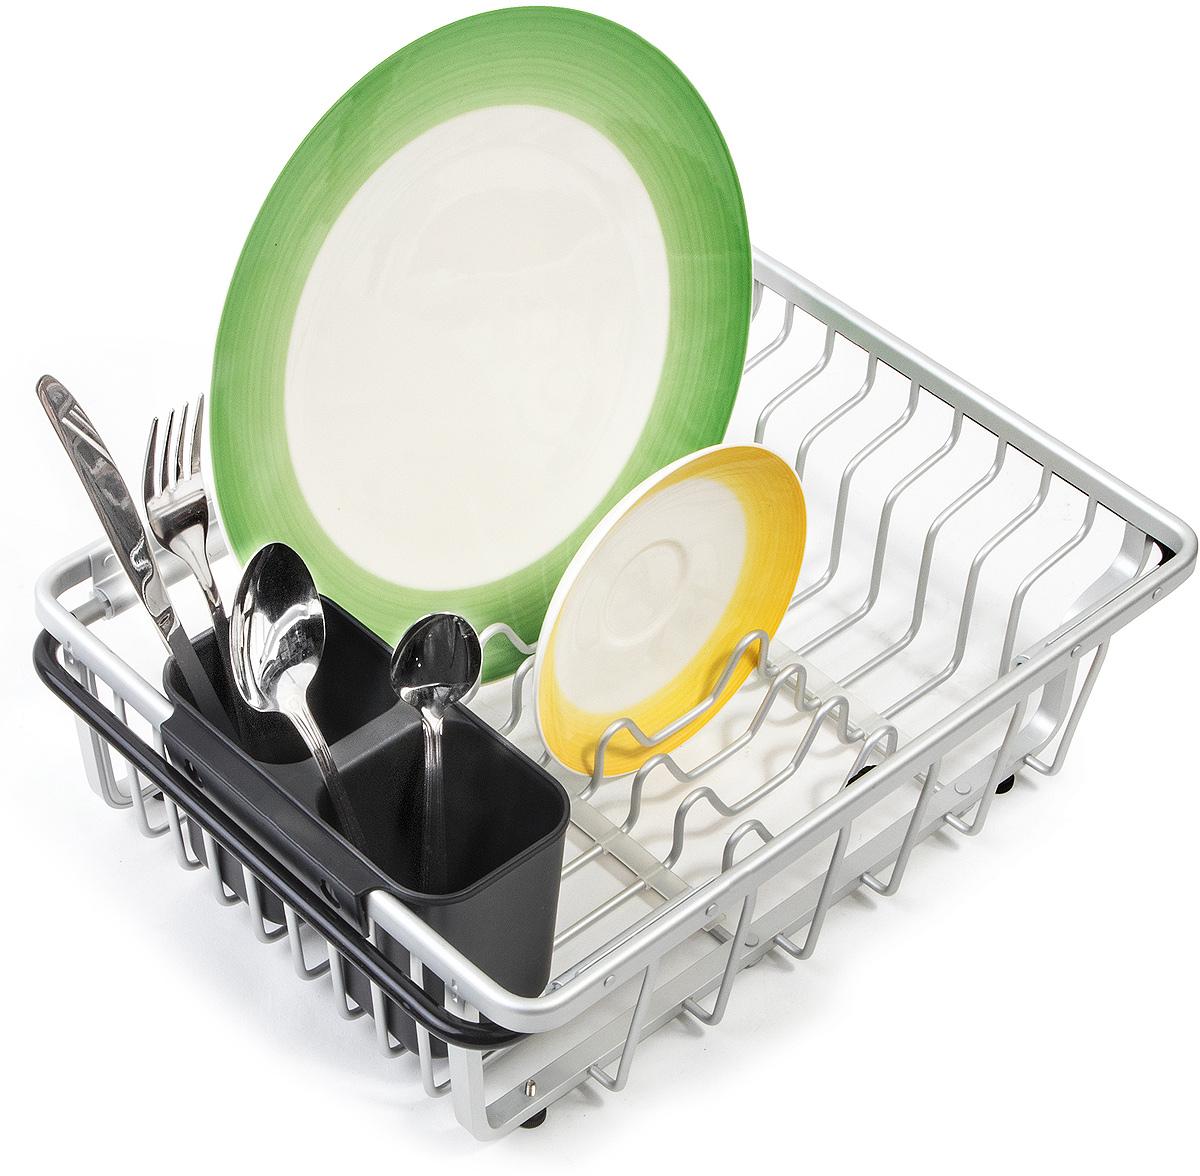 Tatkraft BRAINY Сушилка для посуды на раковину, L36-54xH13xD28 cm, Умная конструкция сохранения пространства. Противоскользящие регулируемые ножки, в случае неровной поверхности. Выдвижная: удобно размещать на раковине. Съемный держатель для столовых приборов со сливными отверстиями. Без Коррозии! Материал: анодированный алюминий, ПП